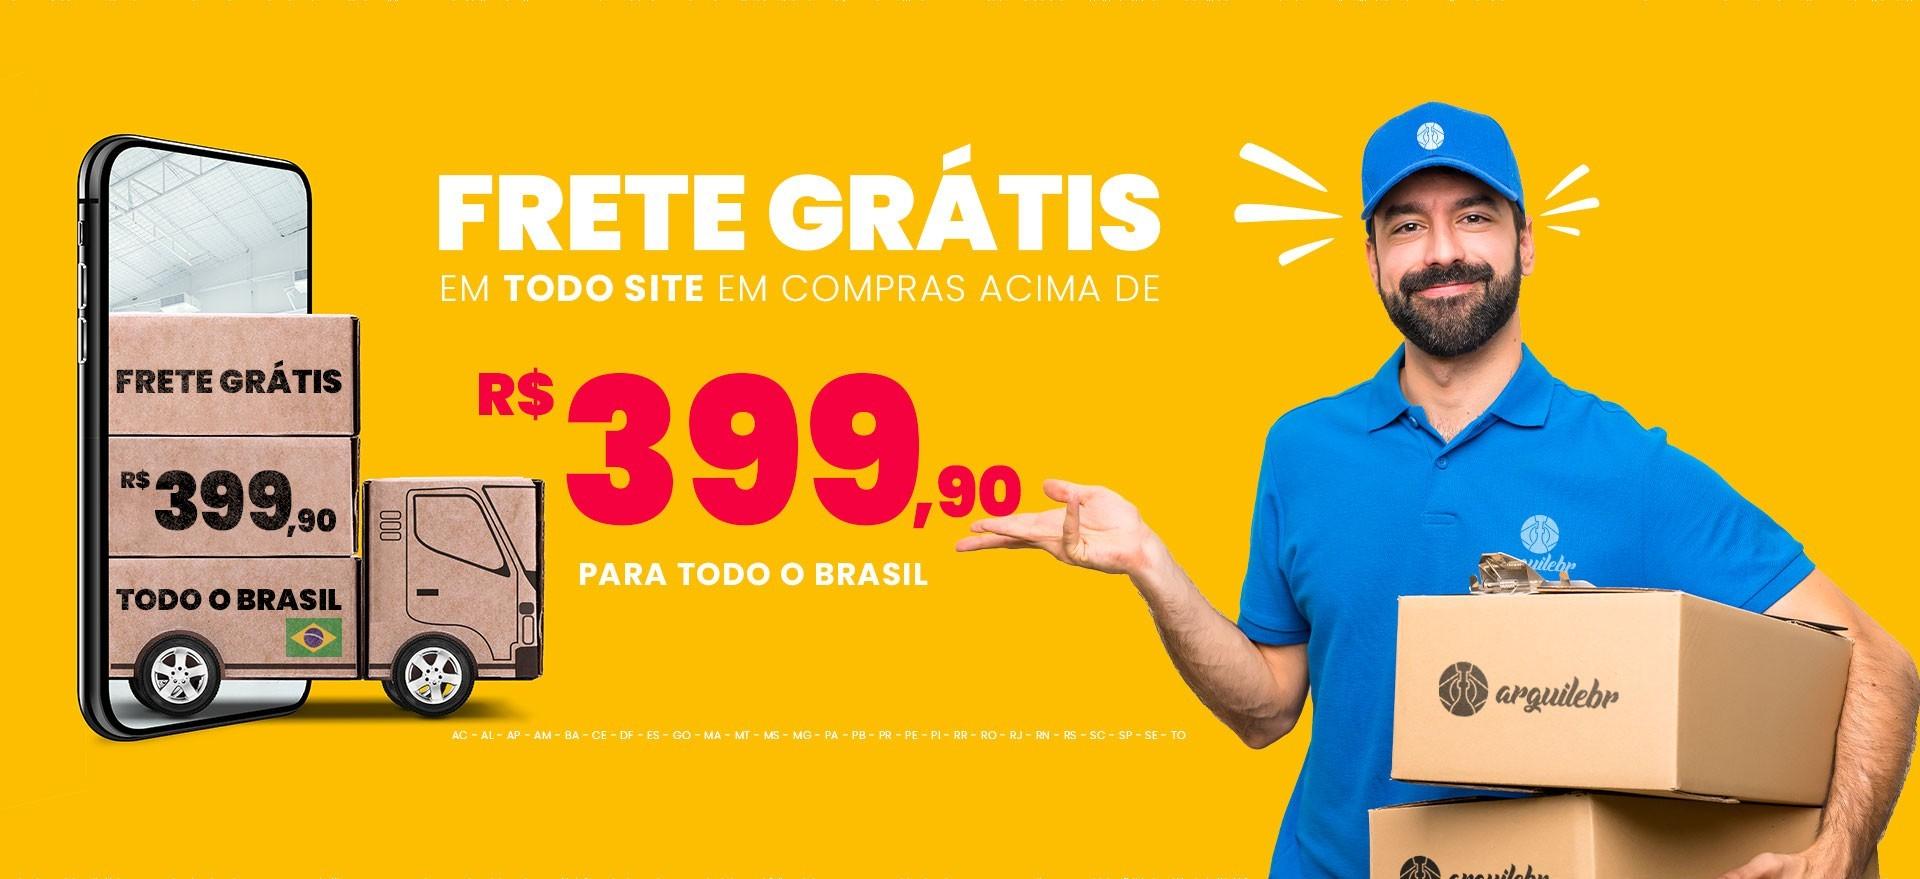 Frete Grátis para todo Brasil acima de R$399,90